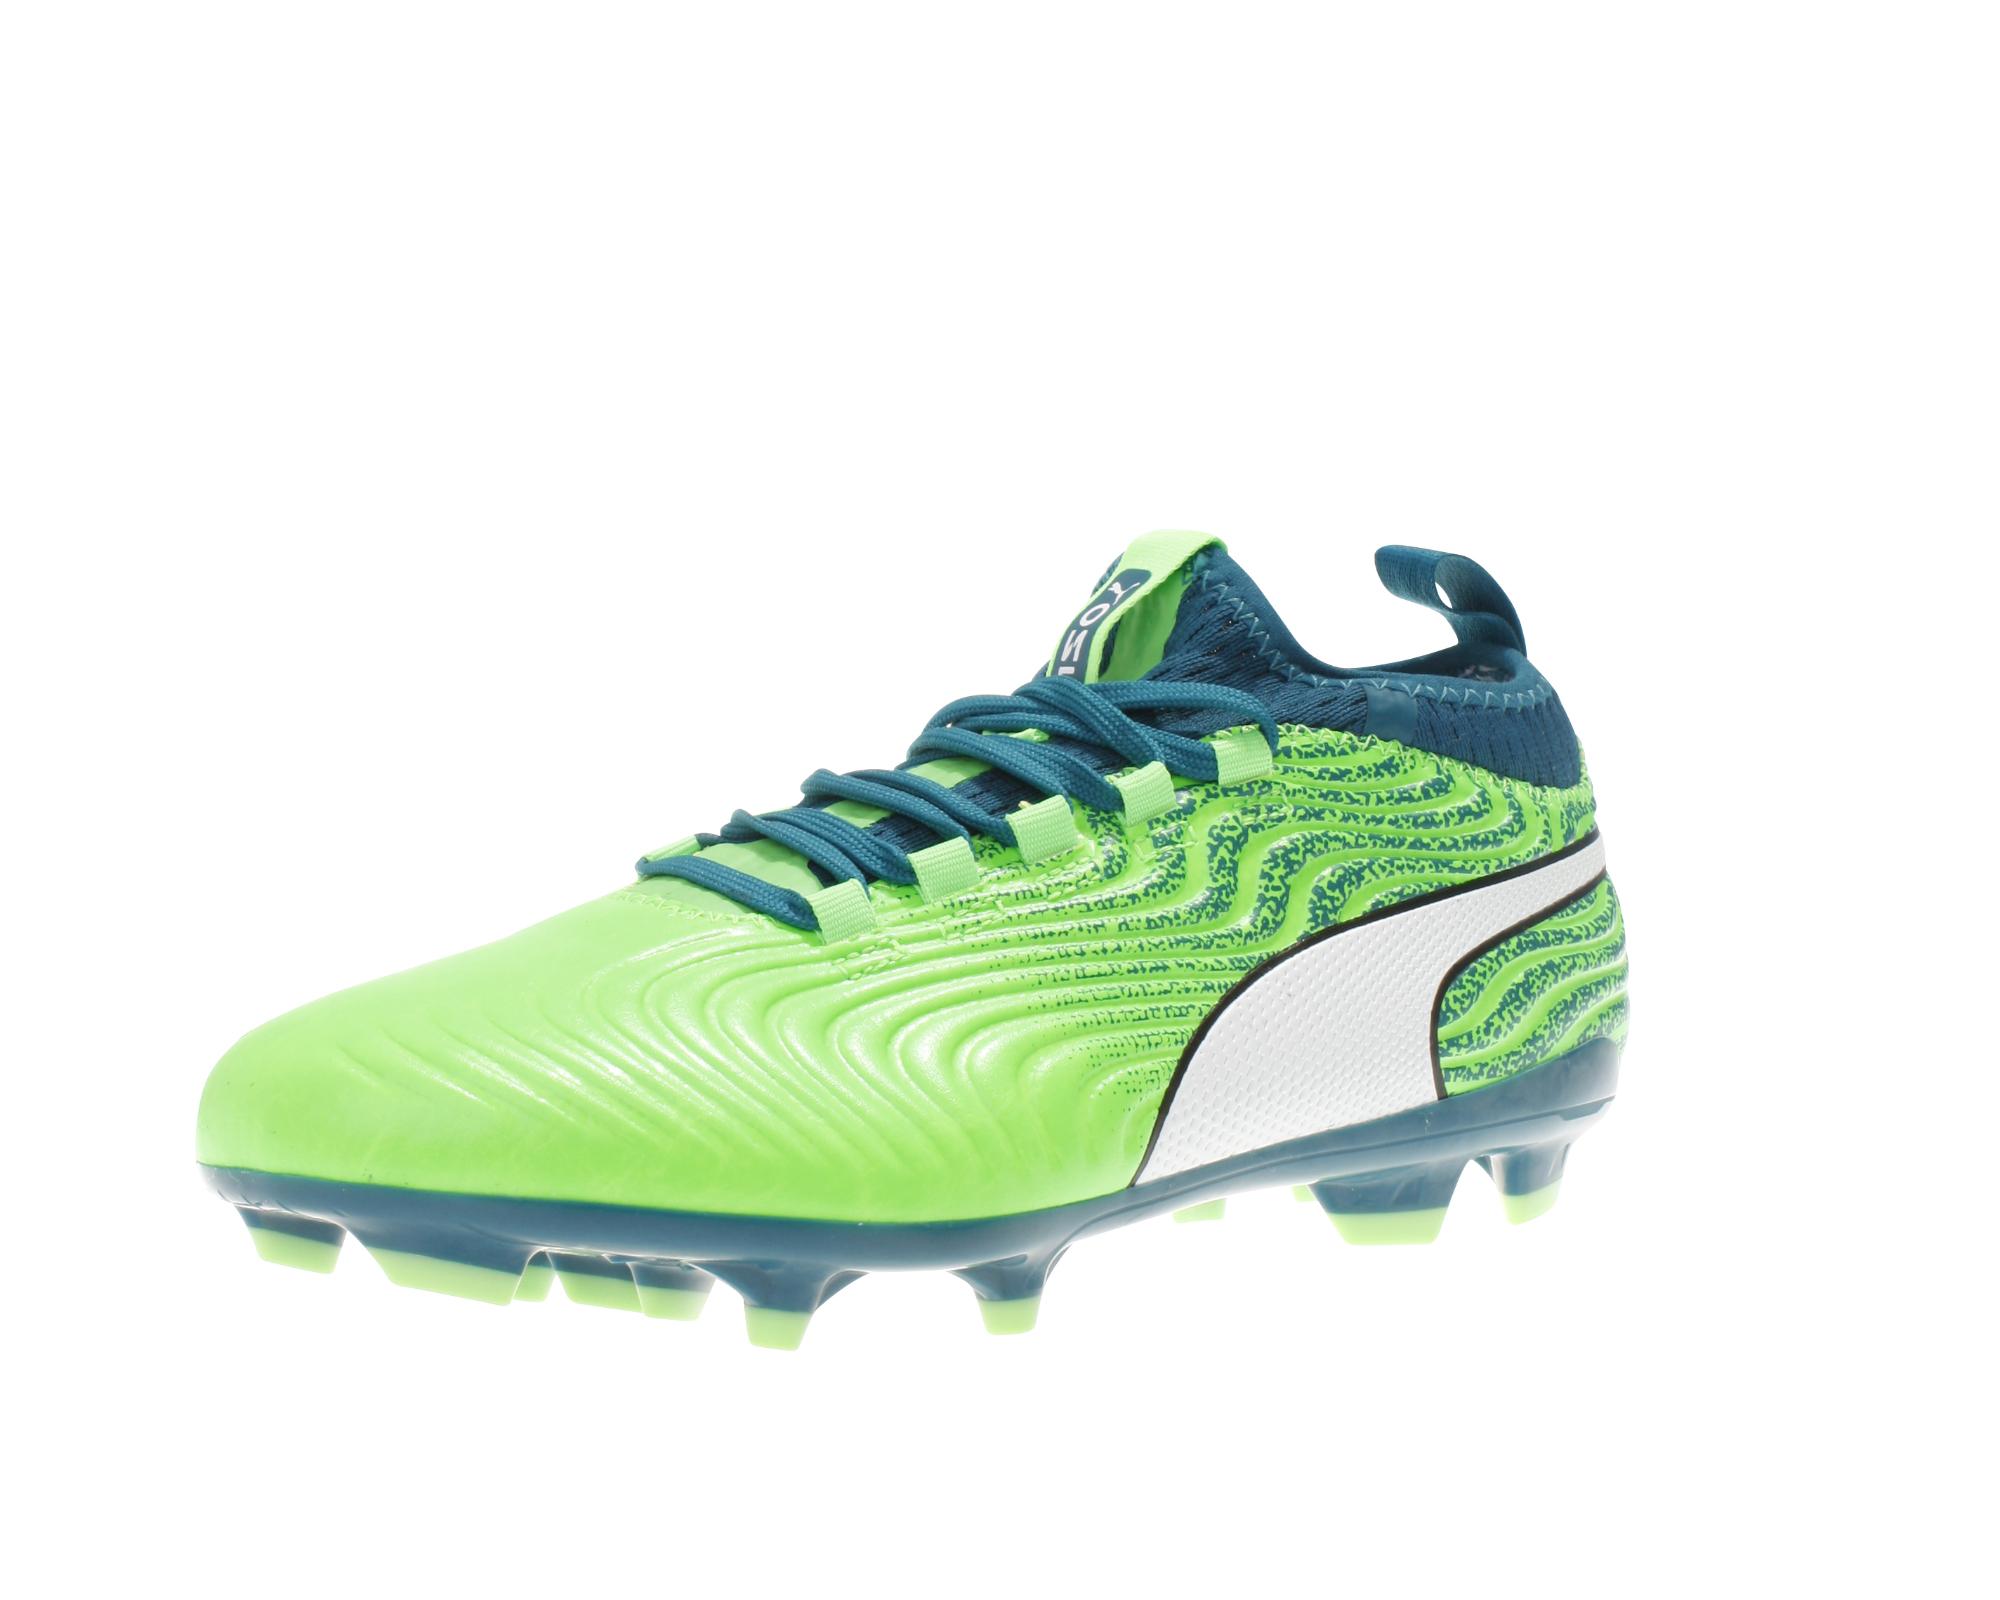 Details zu Puma Herren Fußball Schuhe Puma One 18.3 Syn FG Sohle Rasen Schuh NEU Nocken